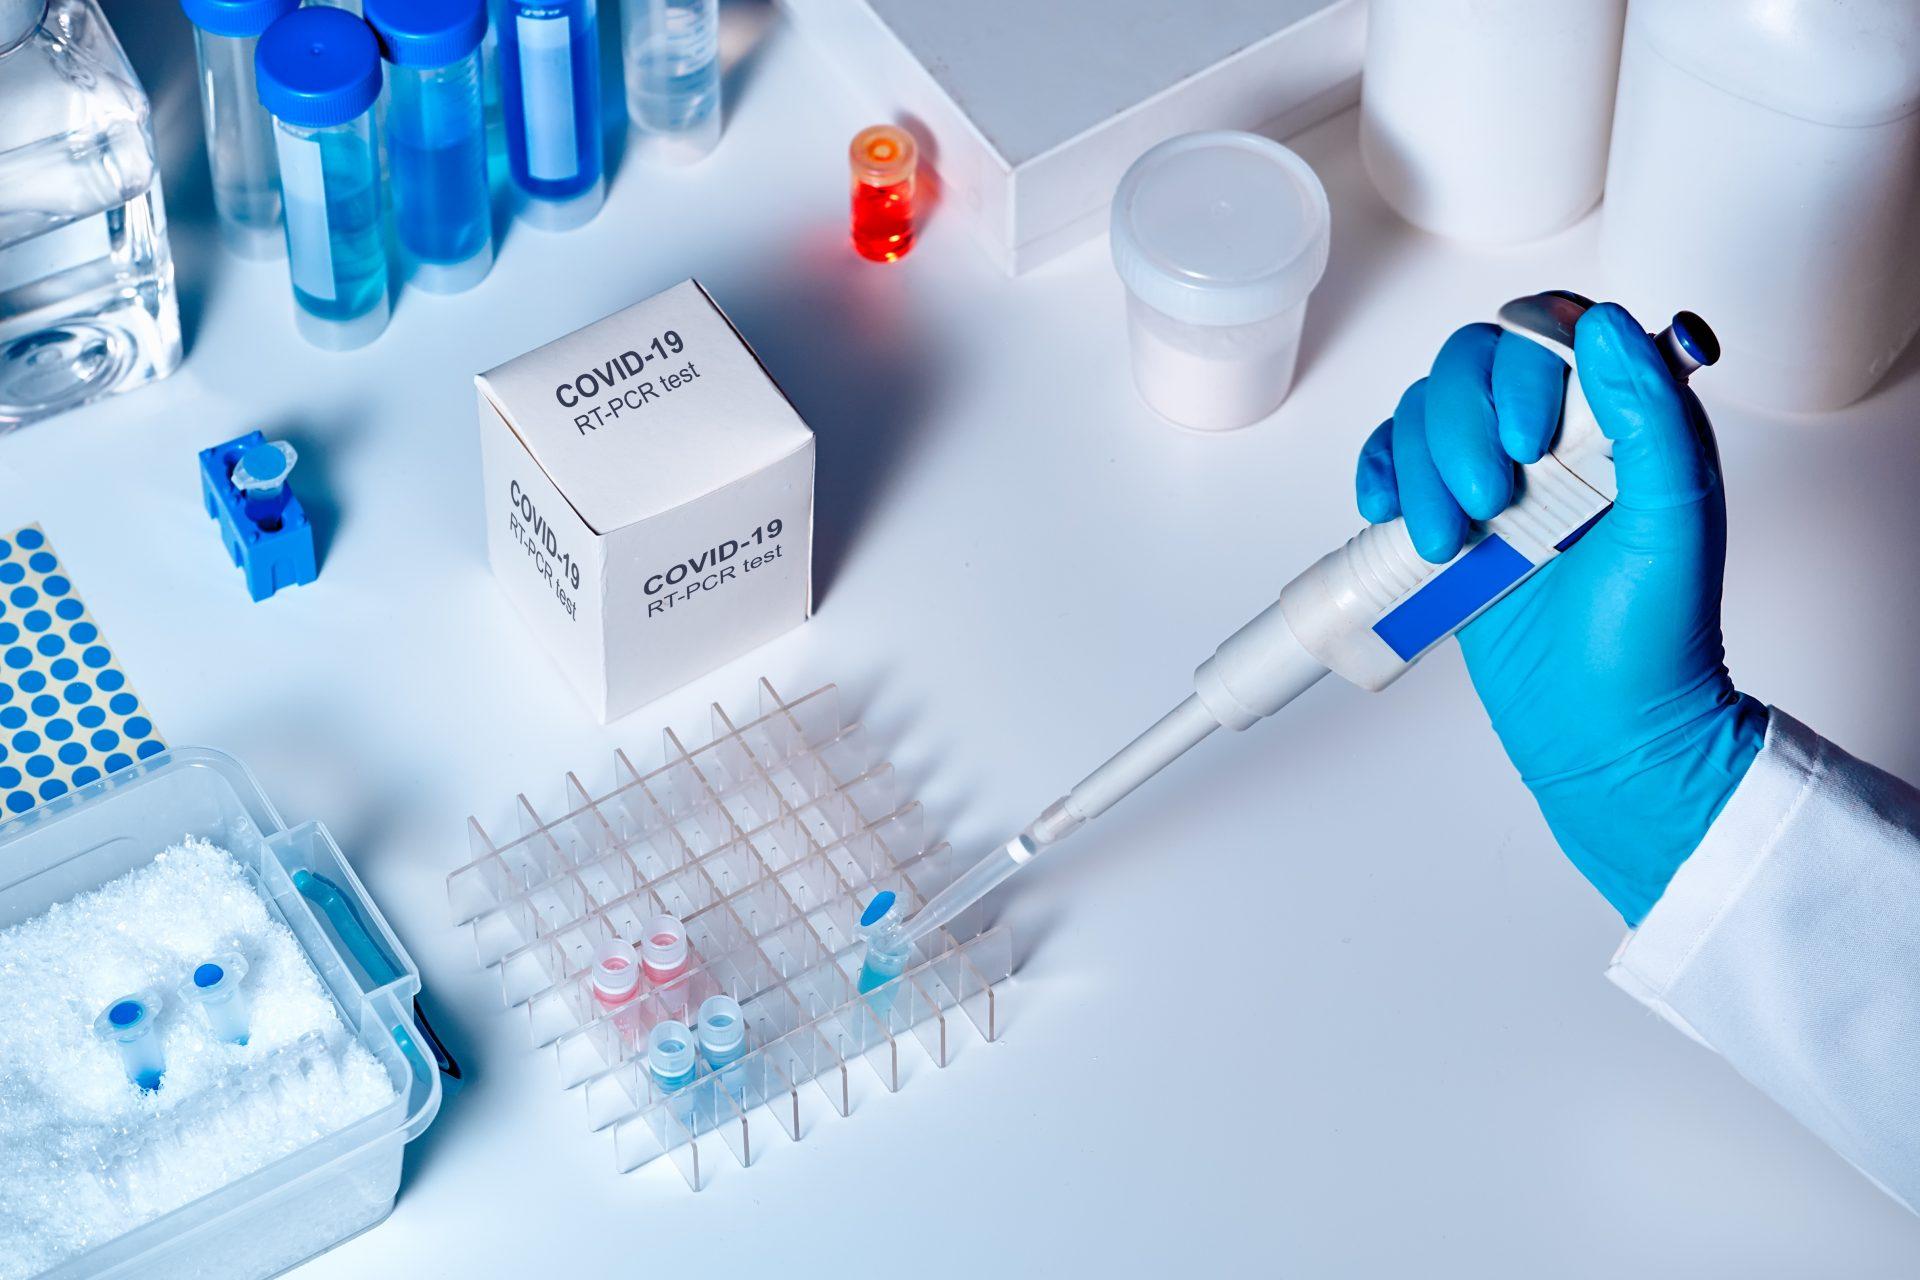 UPC está en el frente de lucha contra el COVID-19 a través de la investigación científica